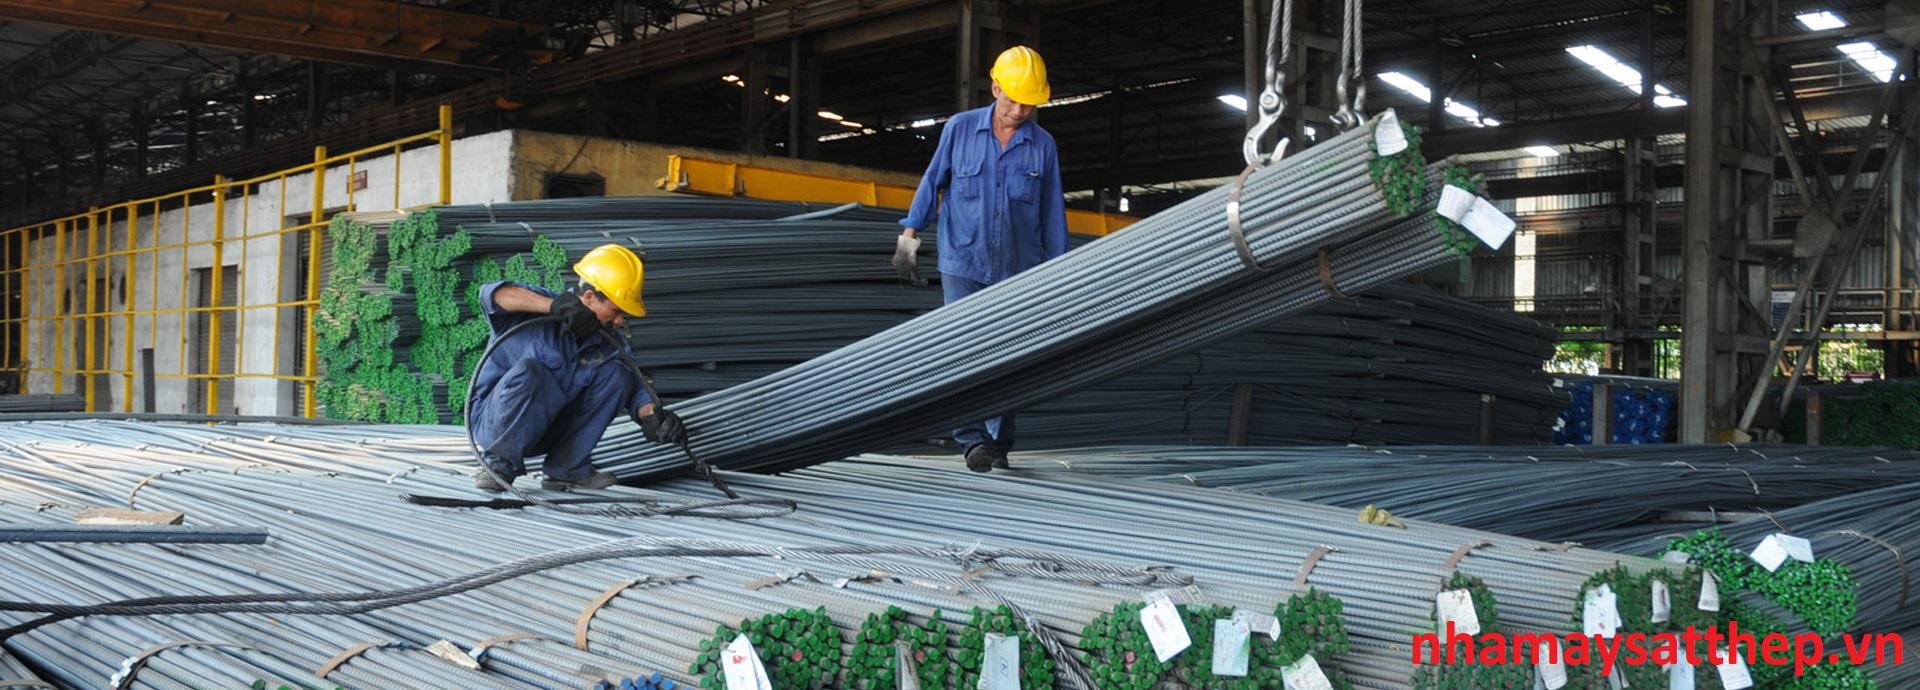 Sắt thép xây dựng giá rẻ Tp.HCM